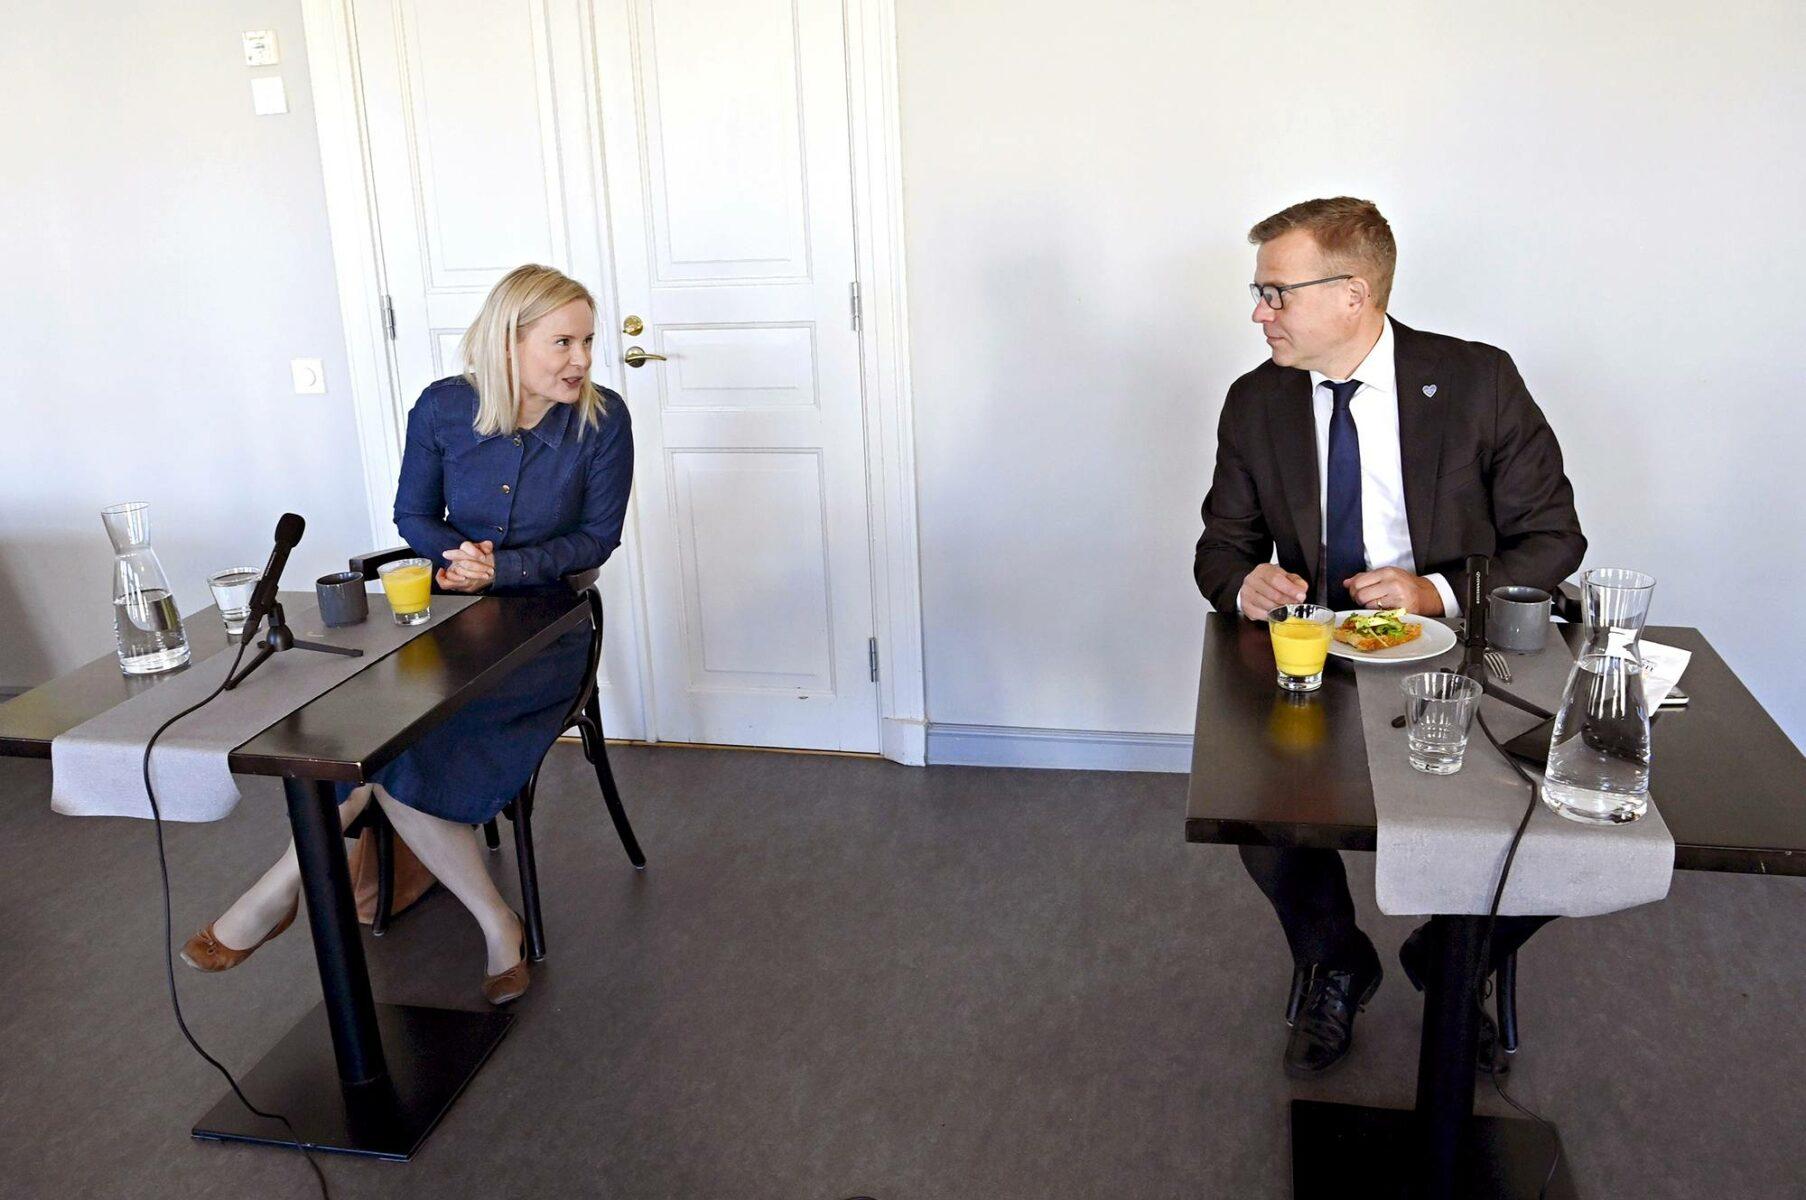 Riikka Purra lähtee aluevaaleihin Länsi-Uudenmaan ja Petteri Orpo Varsinais-Suomen hyvinvointialueella.